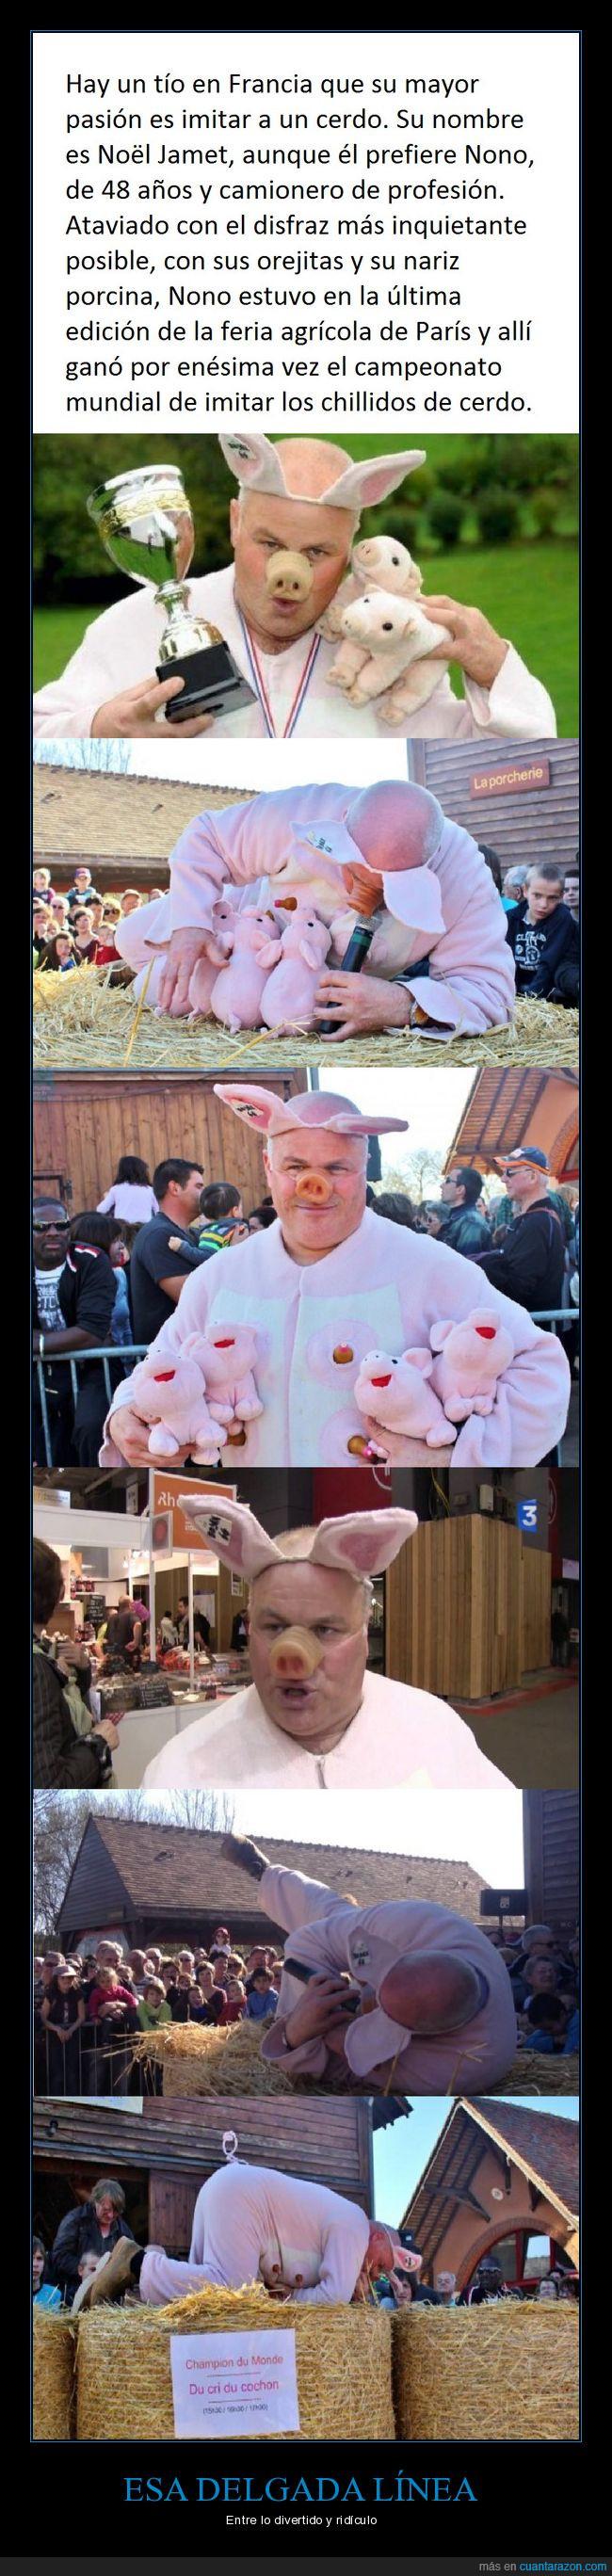 camionero,cerdo,concurso,ganador 11 veces,su madre estará orgulloso,tonto del pueblo